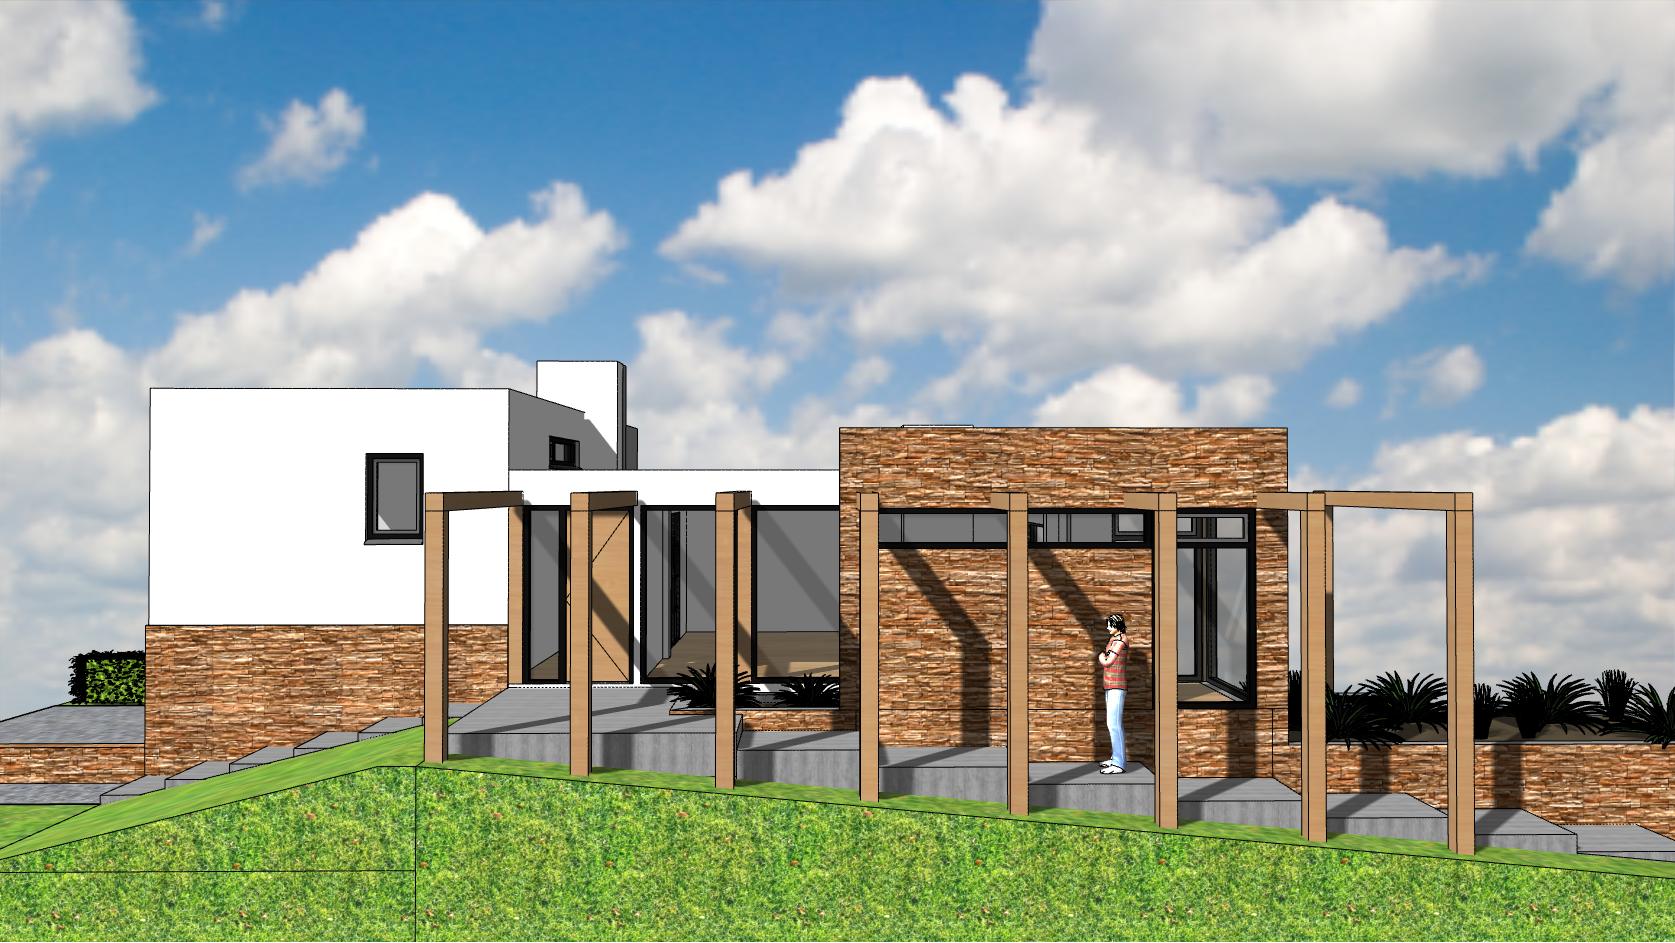 Ontwerp Architect Warnaars modernisering semibungalow Bennebroek - zijkant